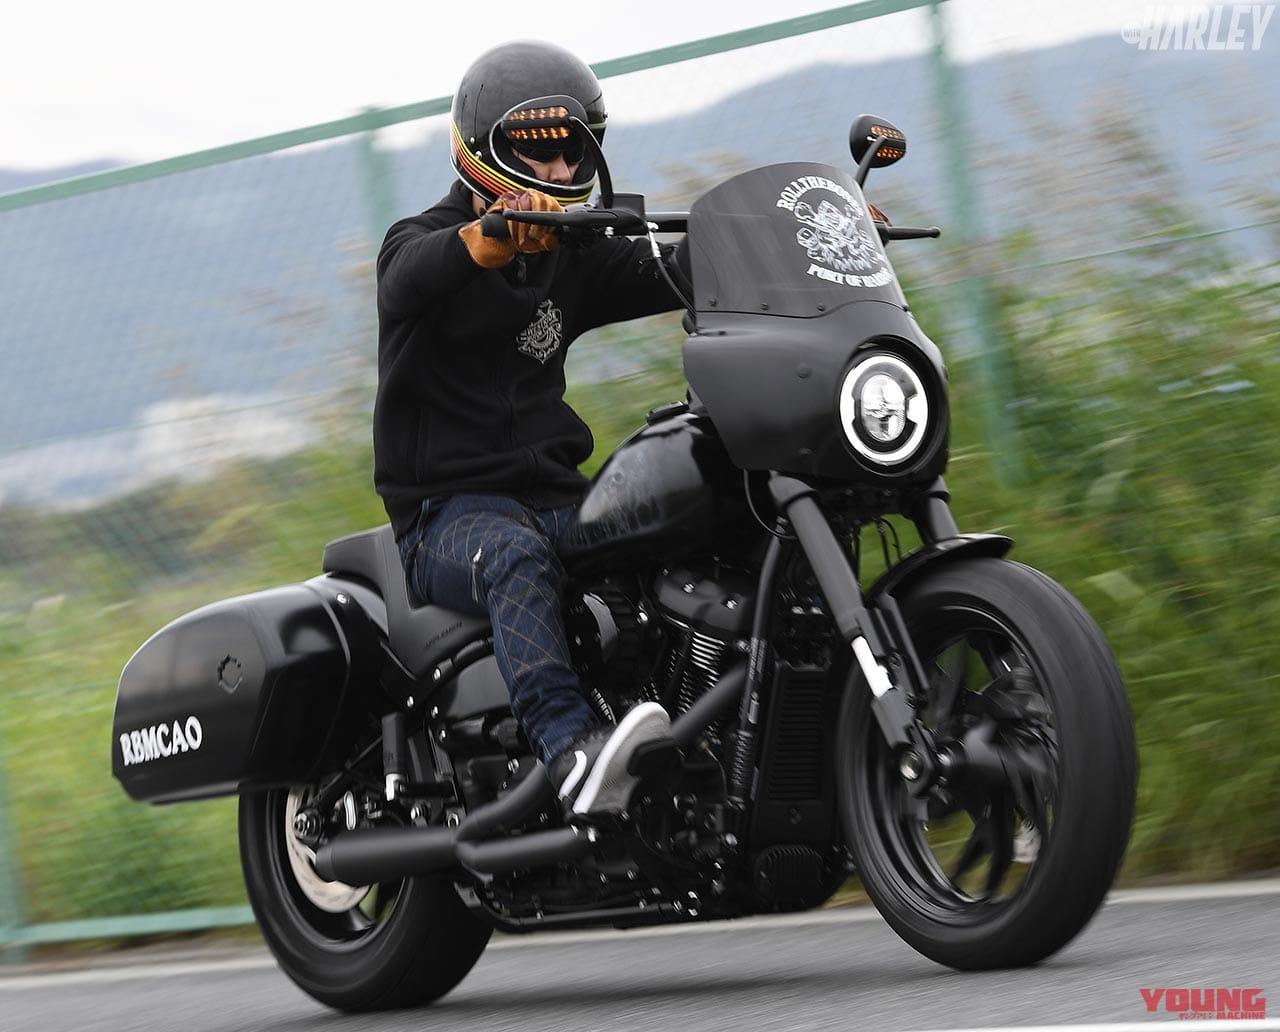 RTB Motorcycleスポーツグライドカスタム 走行